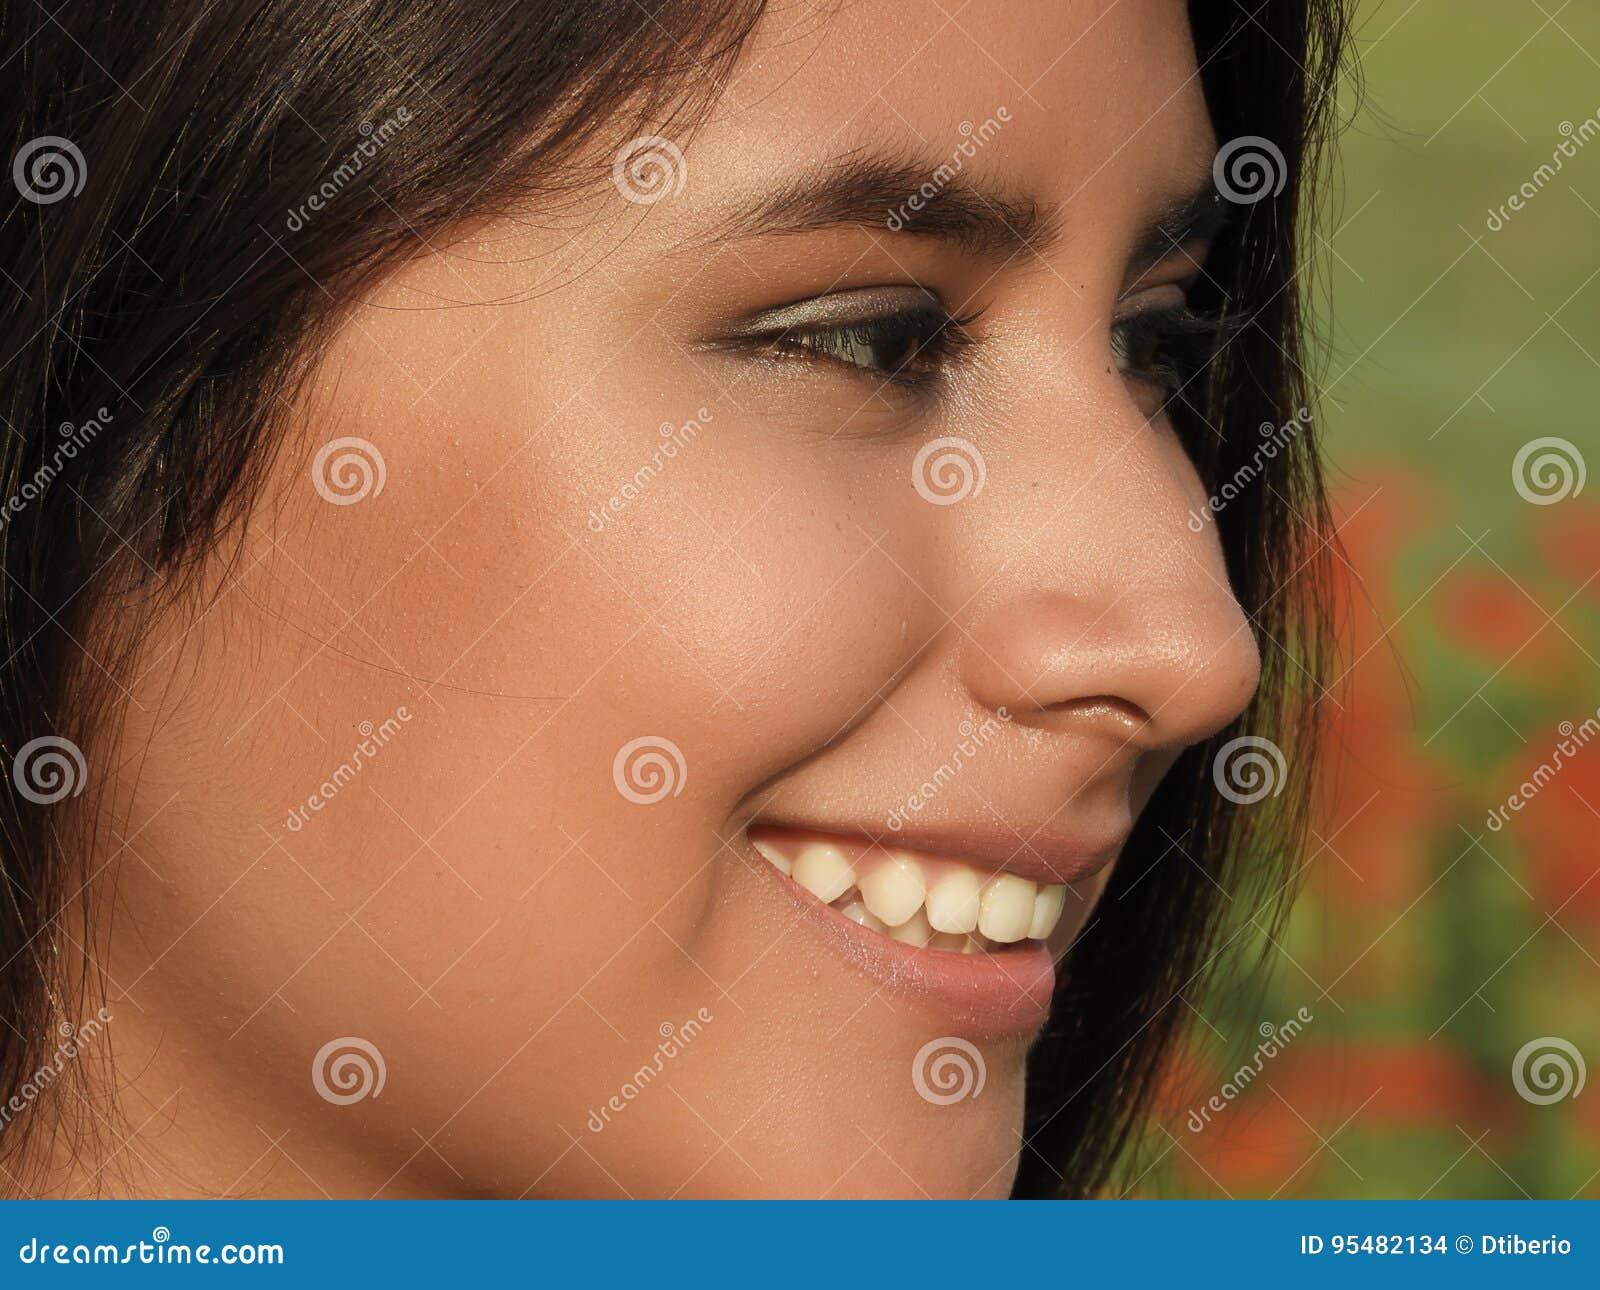 facial teen Face young